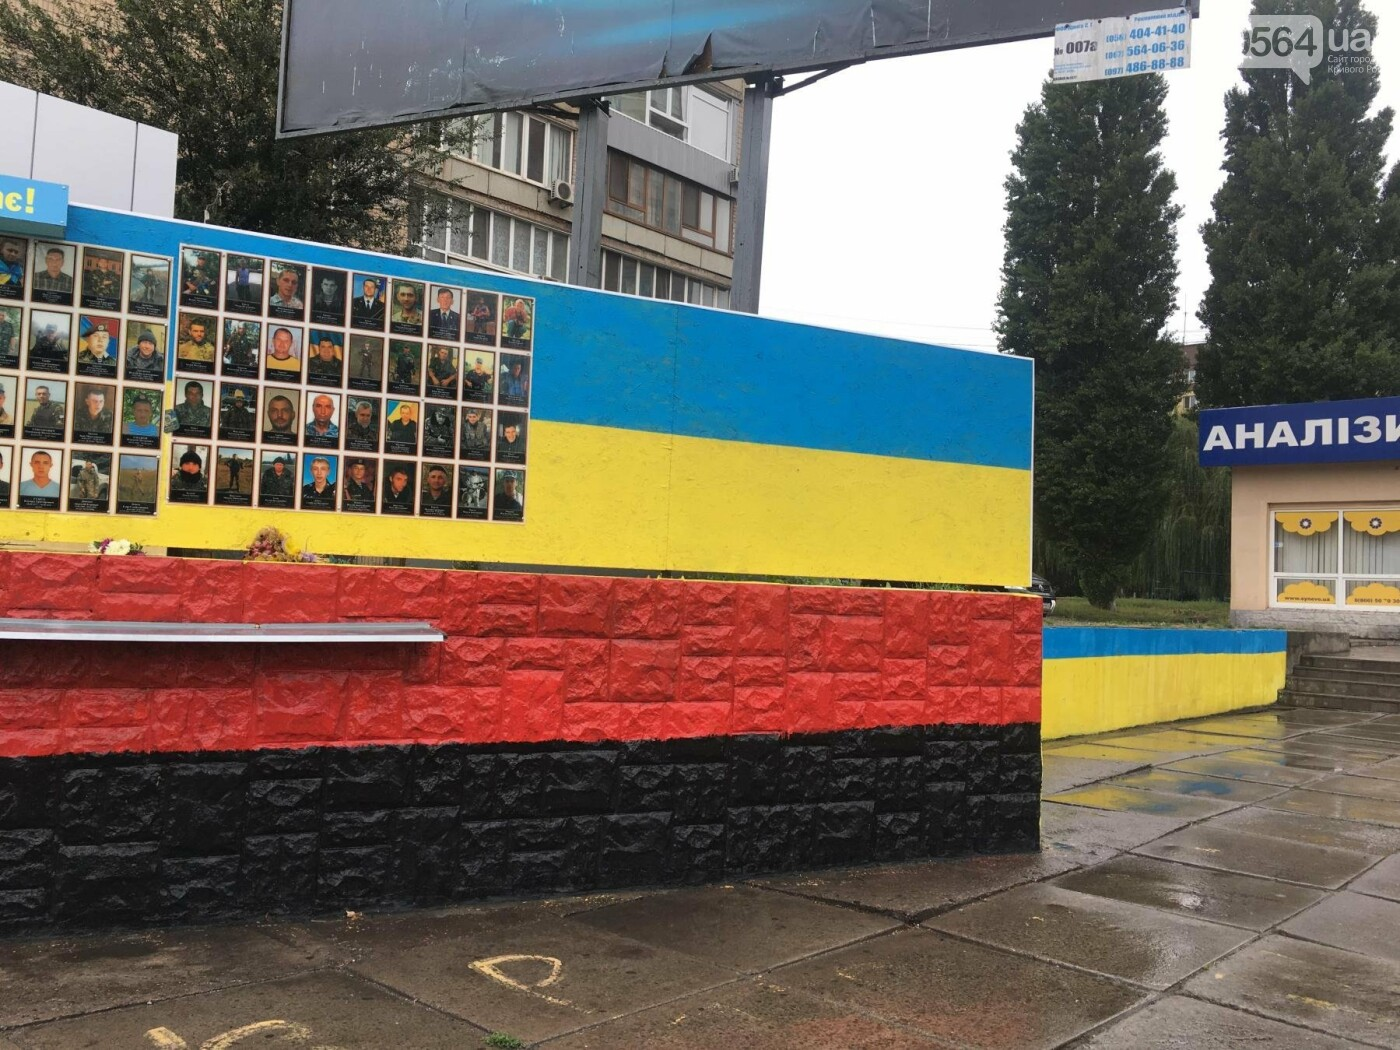 Центр Кривого Рога раскрашивают в красно-черный и сине-желтый цвета, - ФОТО , фото-5